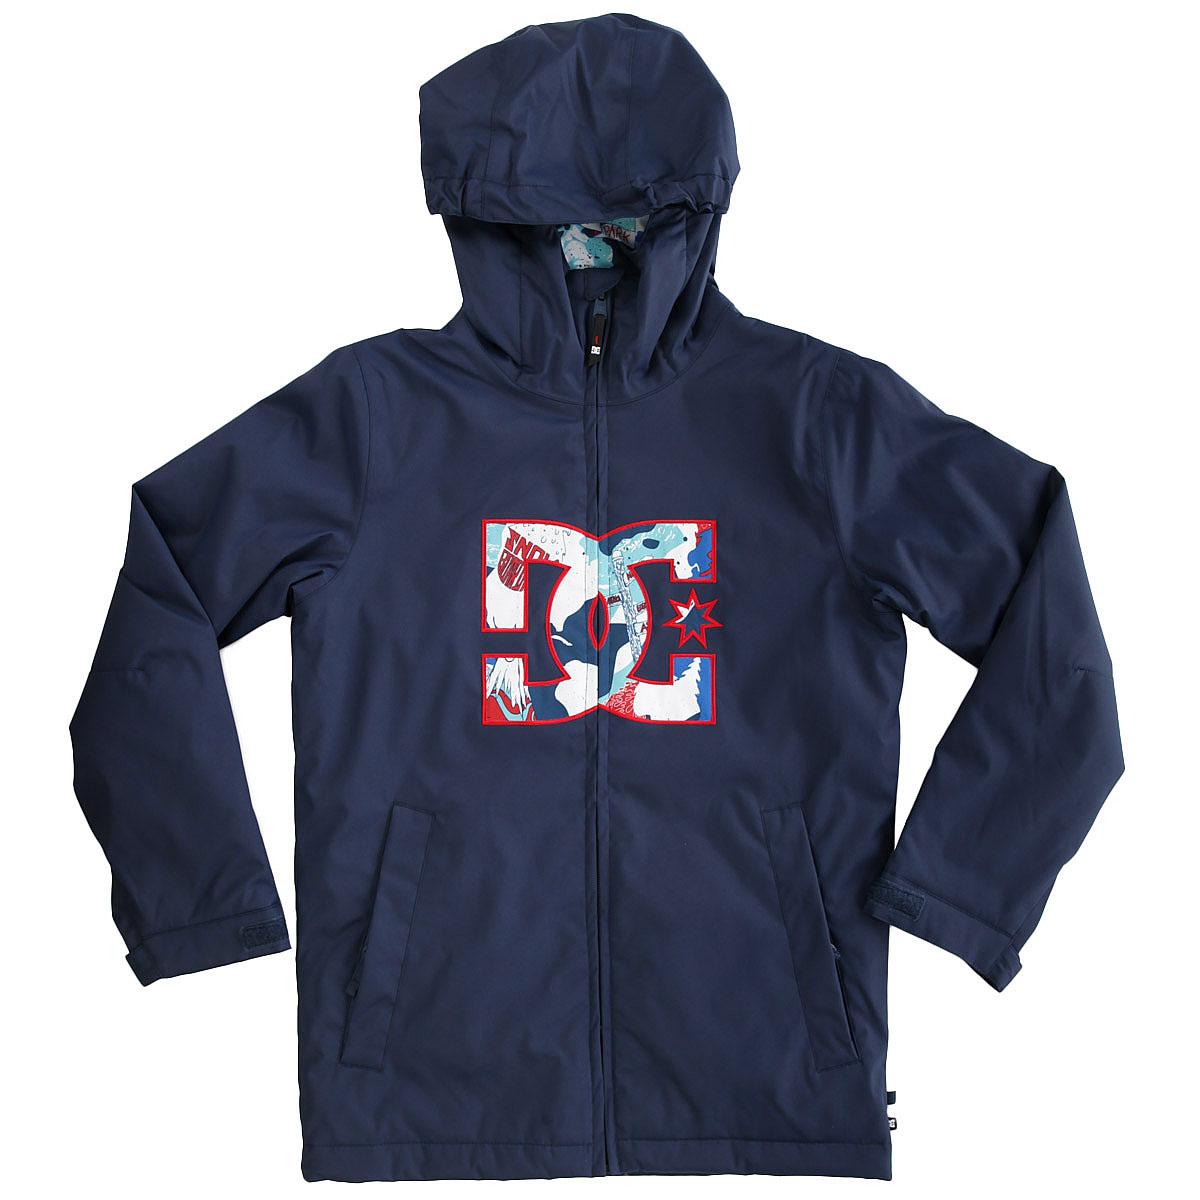 Купить куртку утепленная детскую DC Shoes Story Youth Insignia Blue ... 9640dfa4820